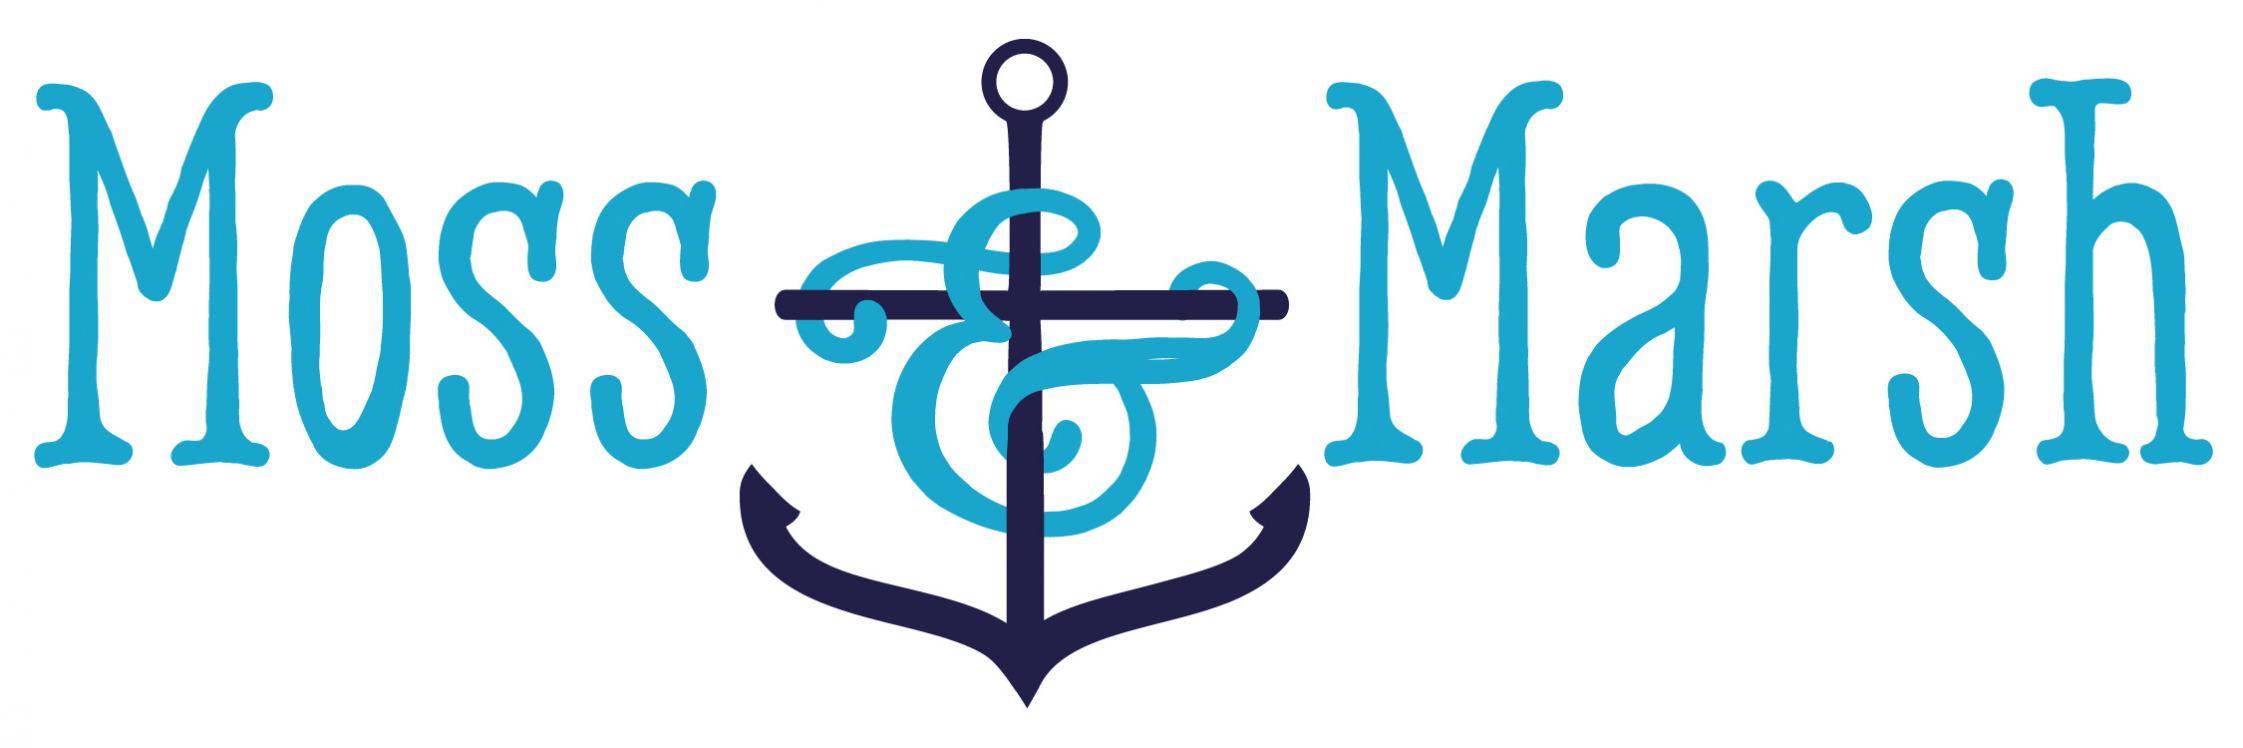 Moss & Marsh Logo